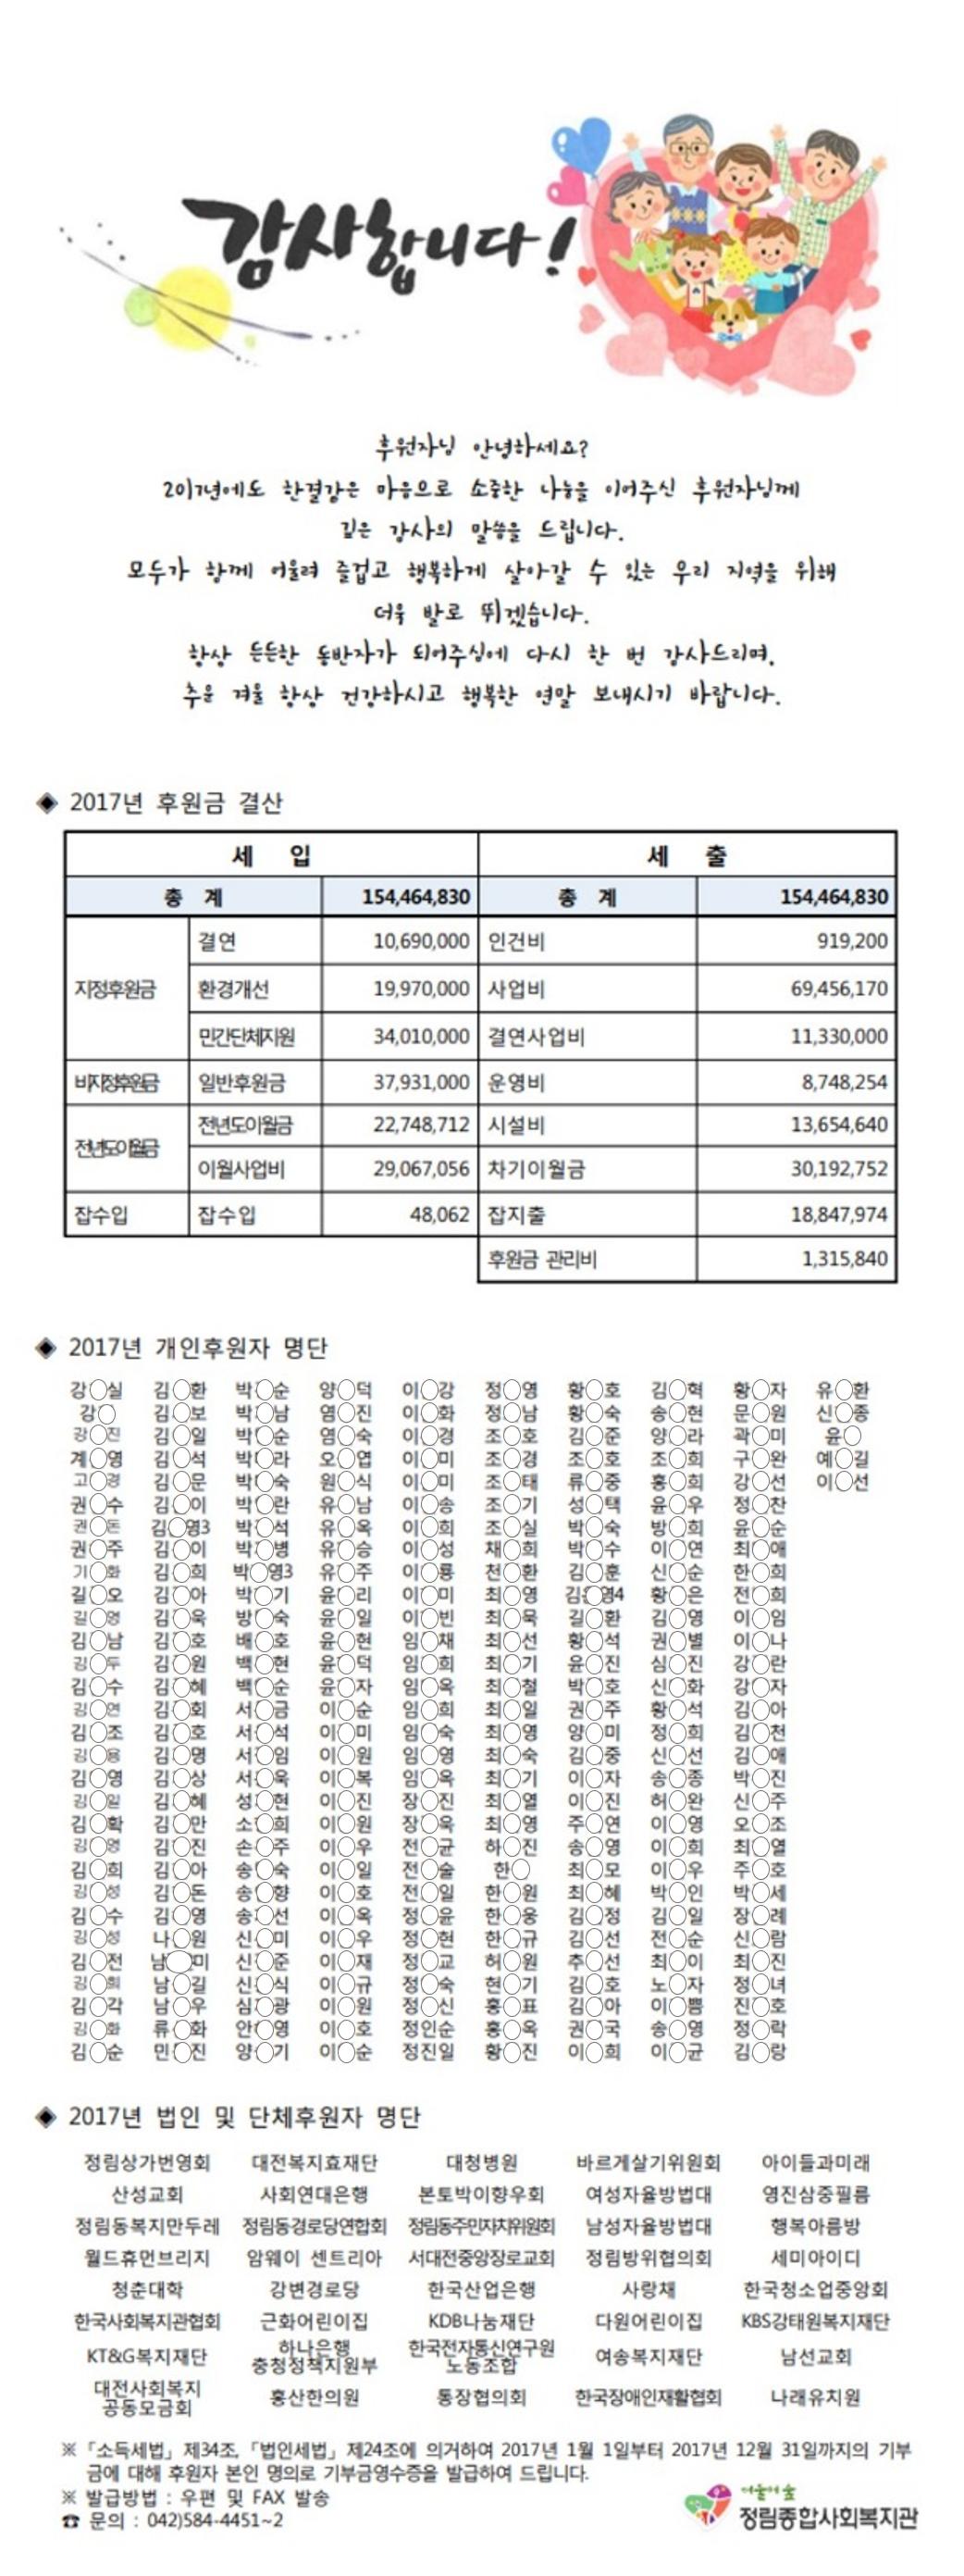 2017 후원금 수입 및 사용 결과 보고